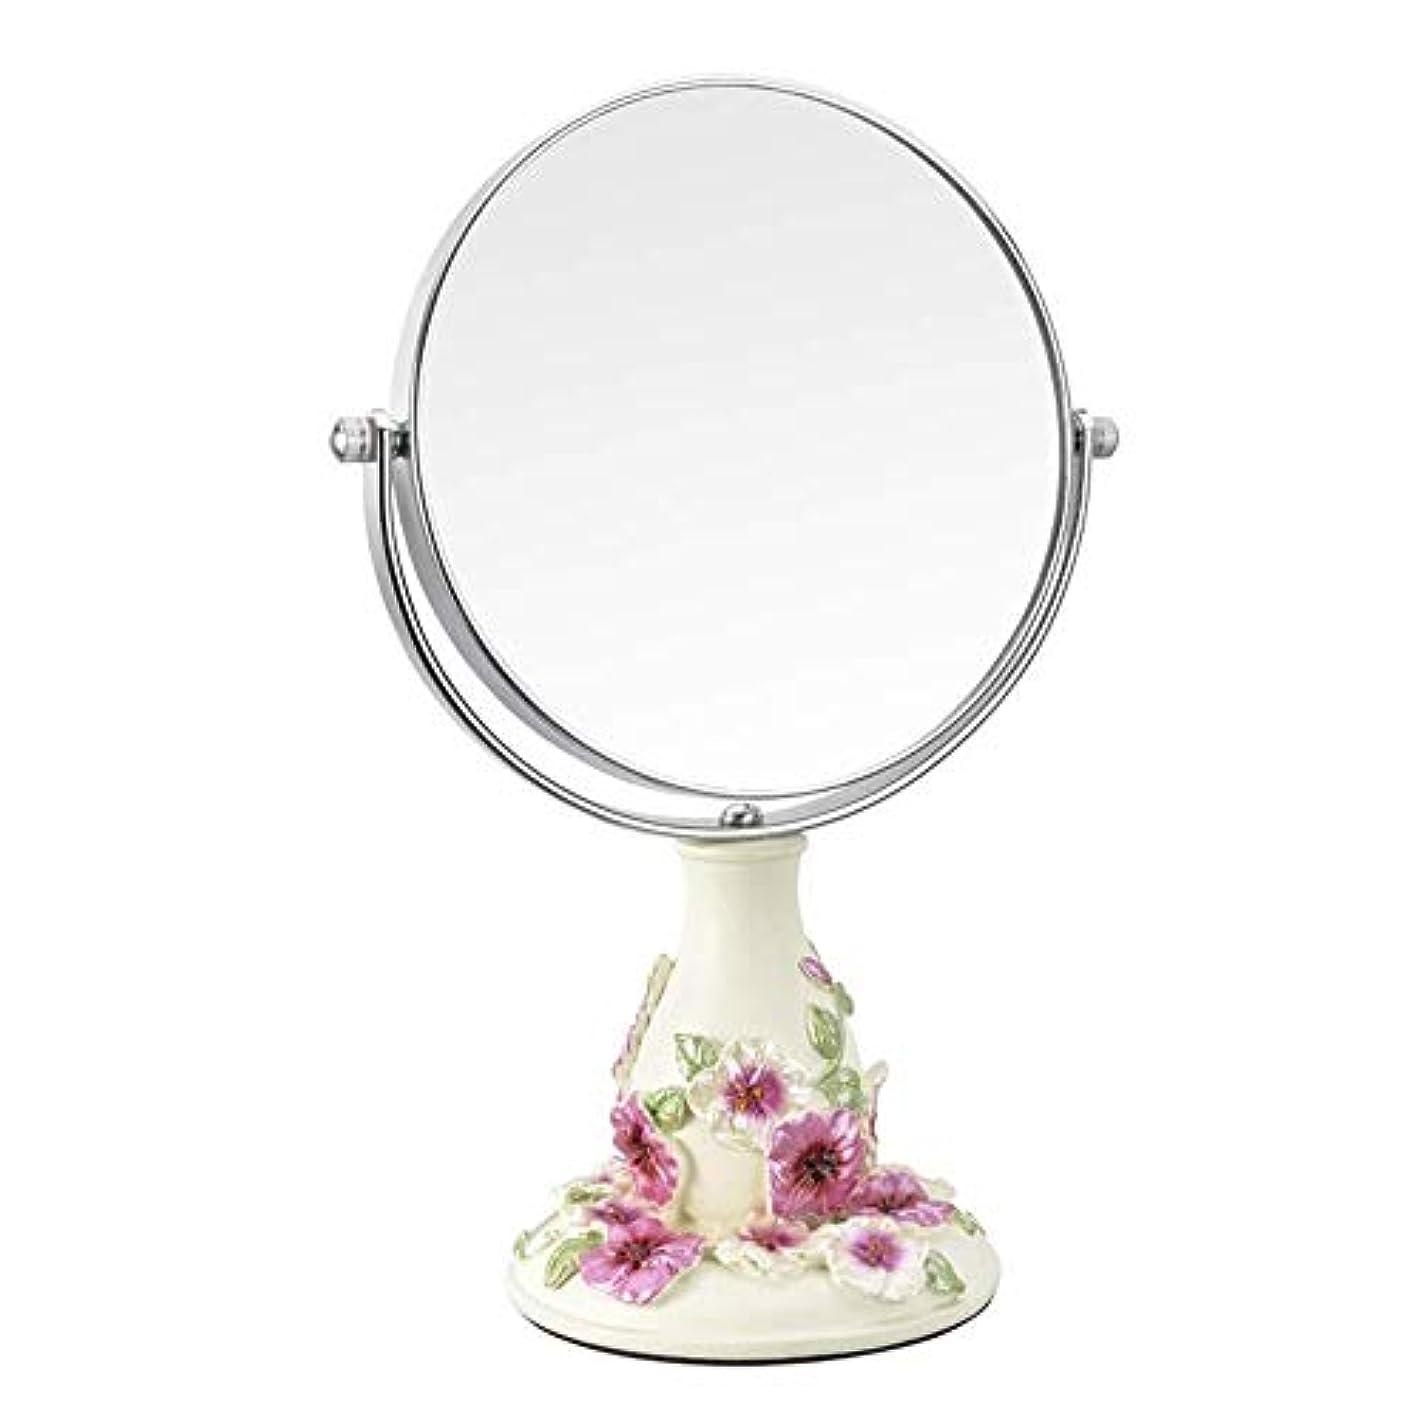 流体重さ歴史的流行の ビンテージ化粧鏡、鏡360°回転スタンド、1倍と3倍の倍率、ラウンドダブル両面回転化粧鏡